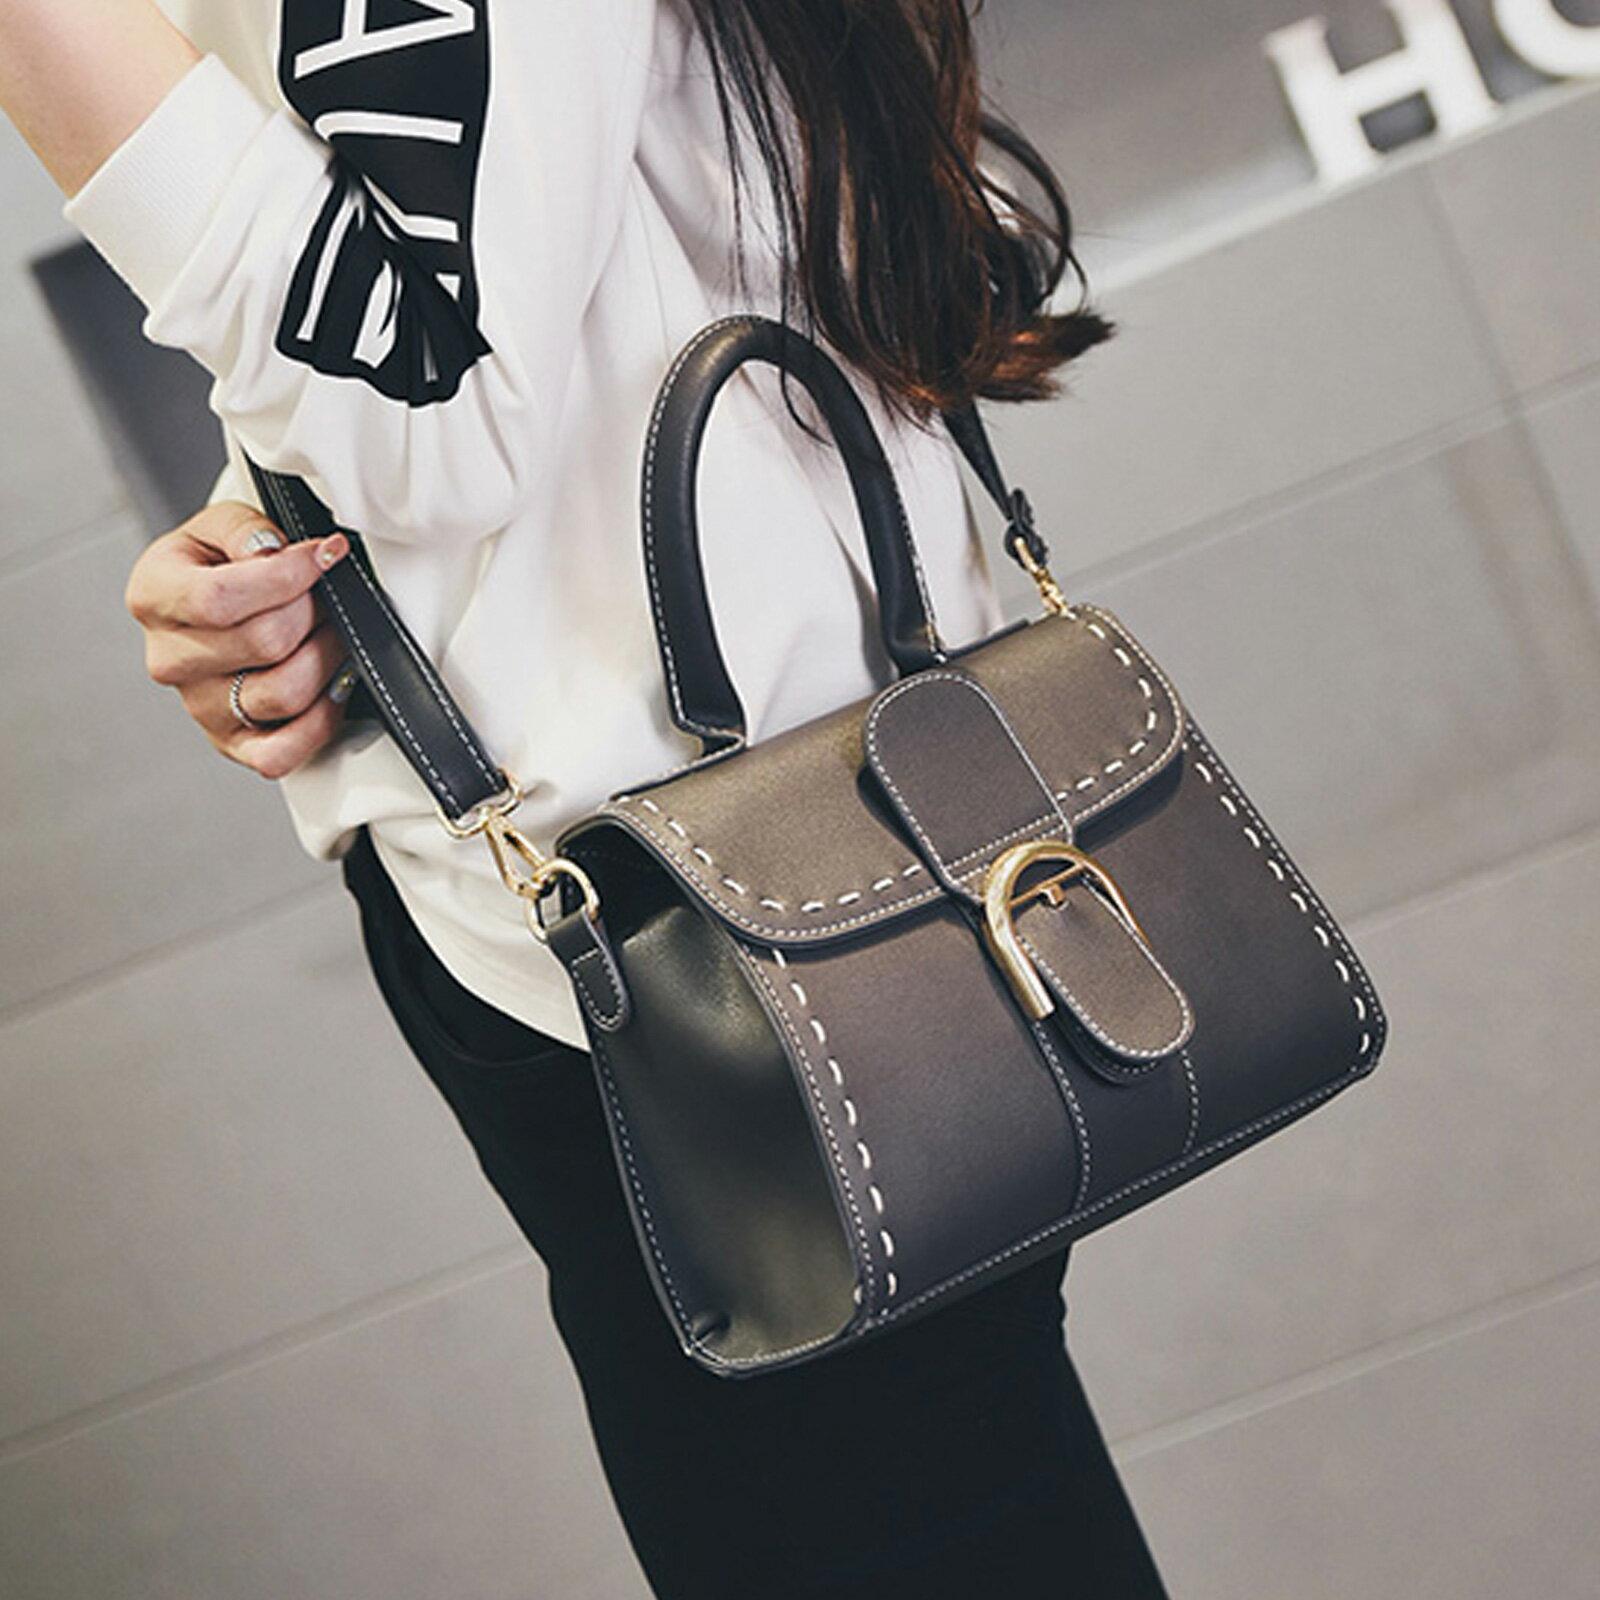 手提包 韓版時尚扣環小方包側背包【O3153】☆雙兒網☆ 5